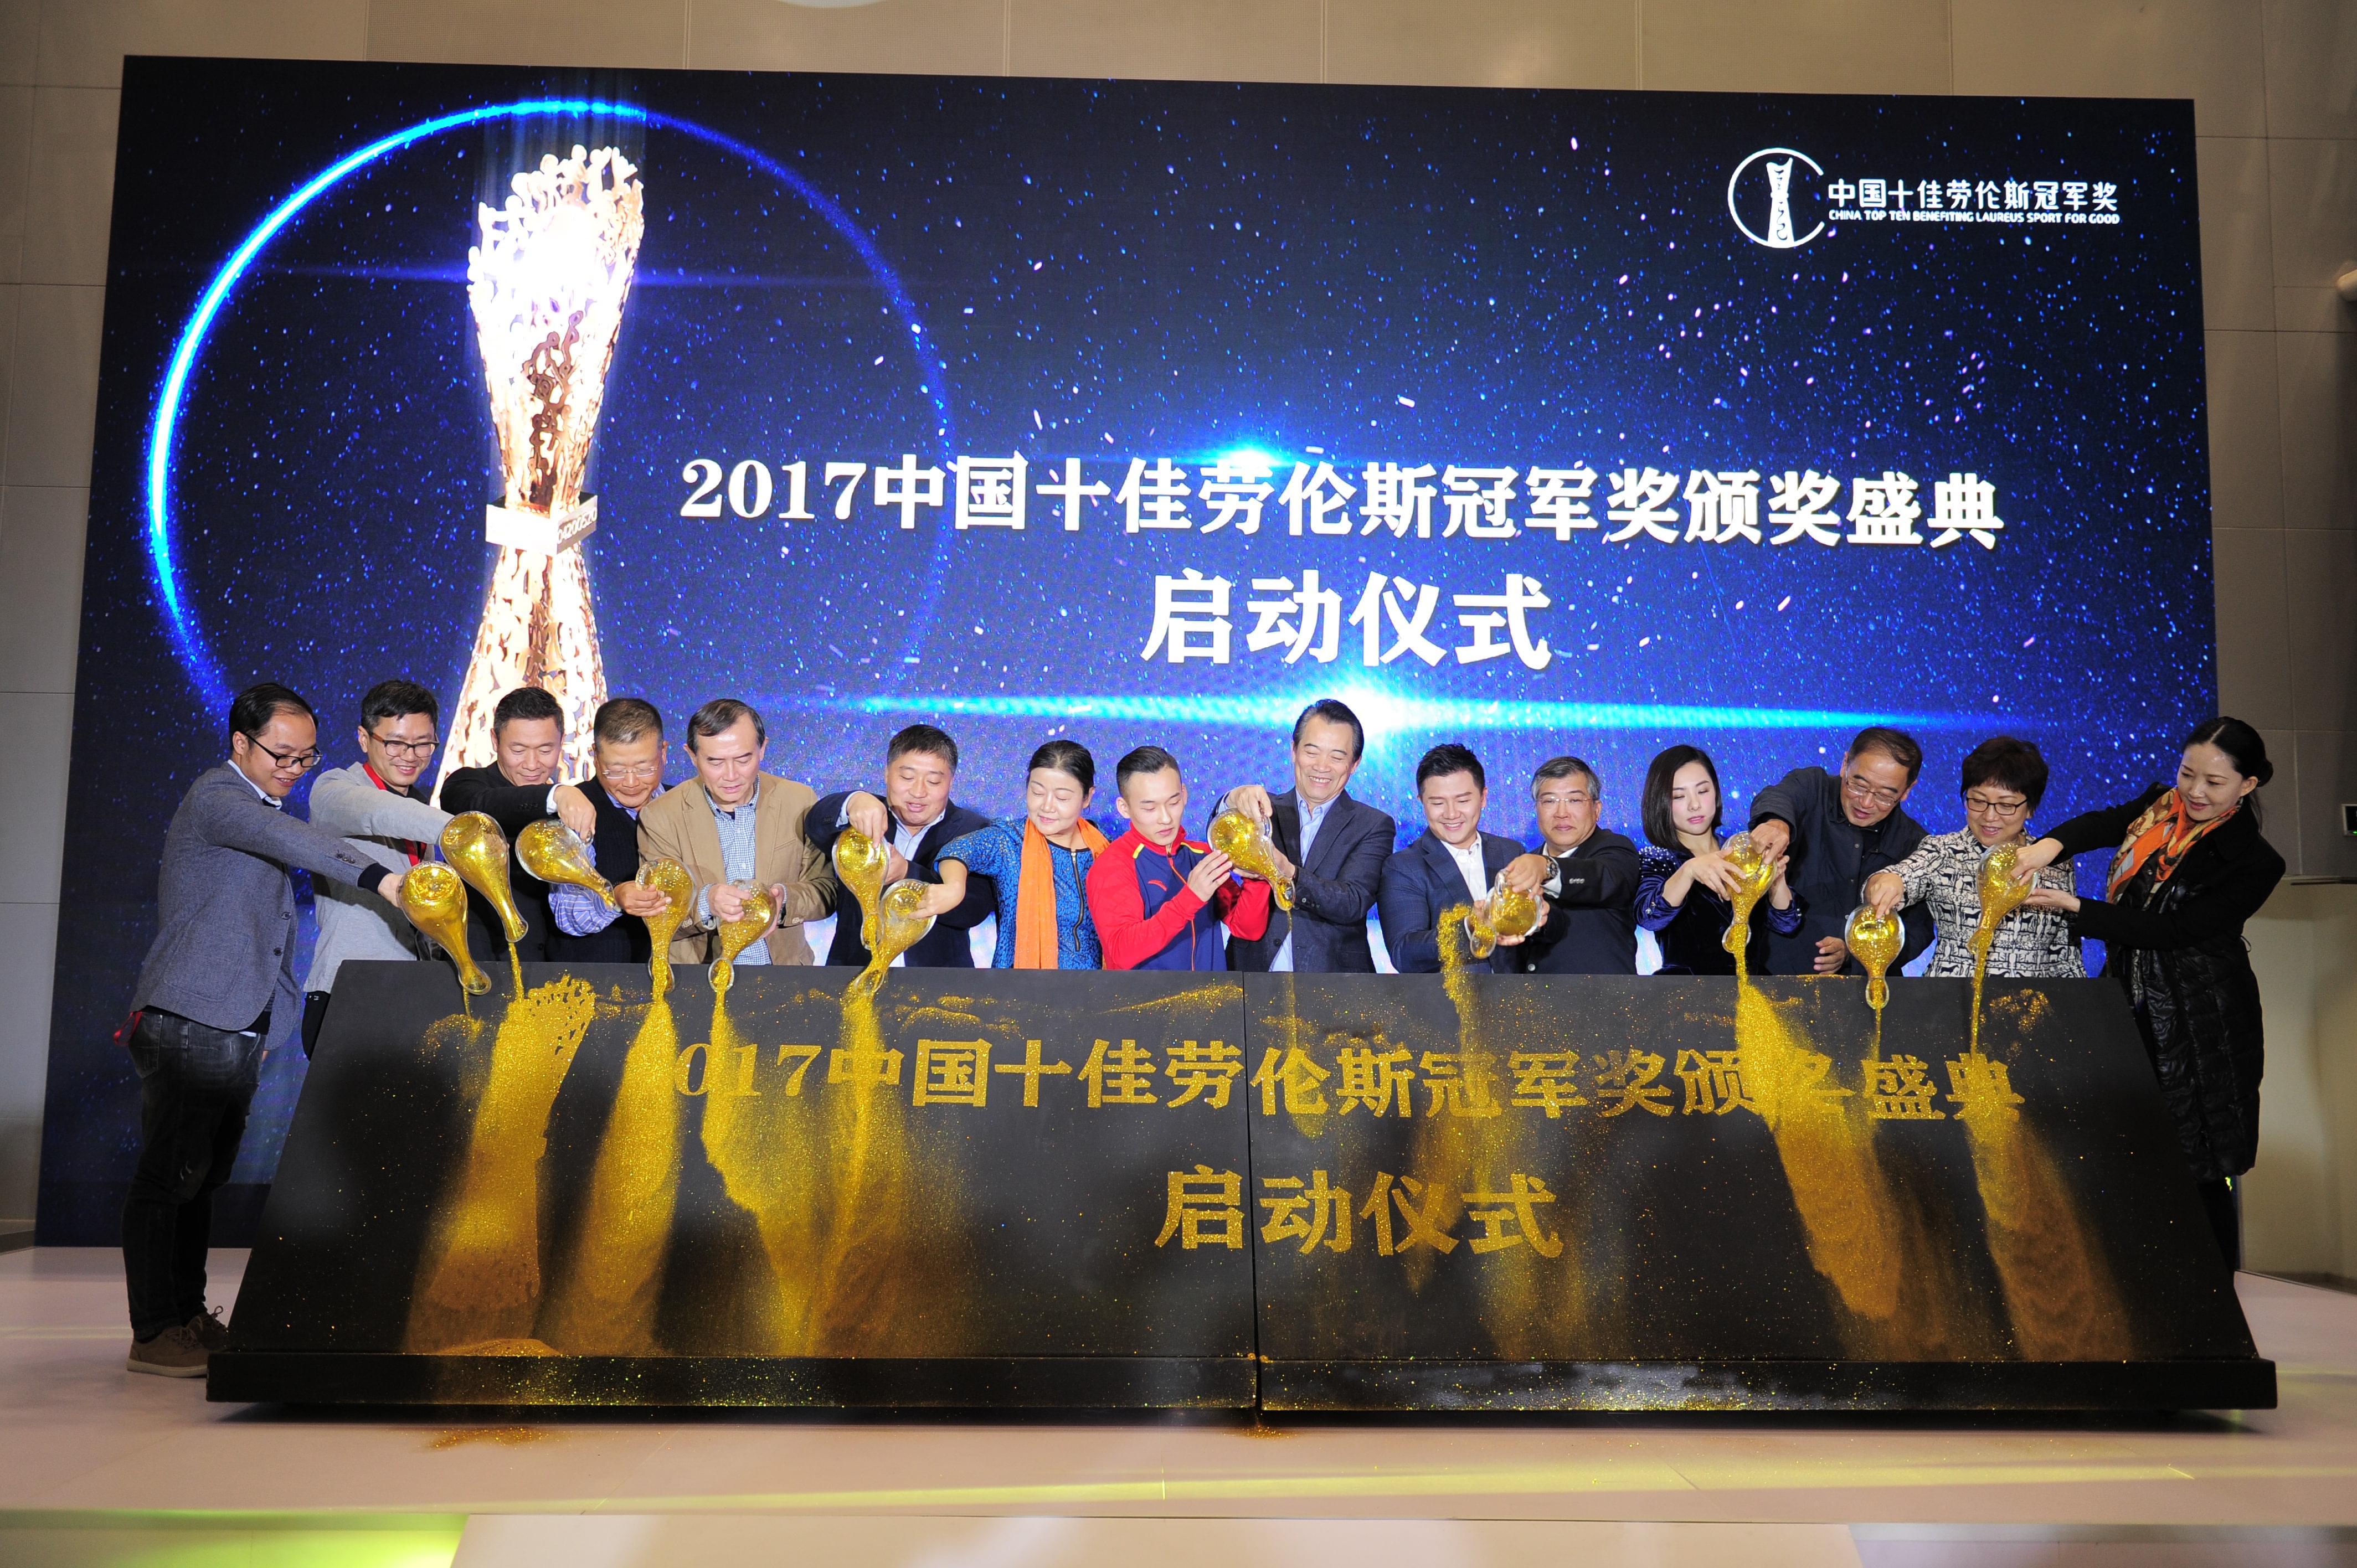 劳伦斯颁奖盛典启动 刘璇陈一冰魅力出席